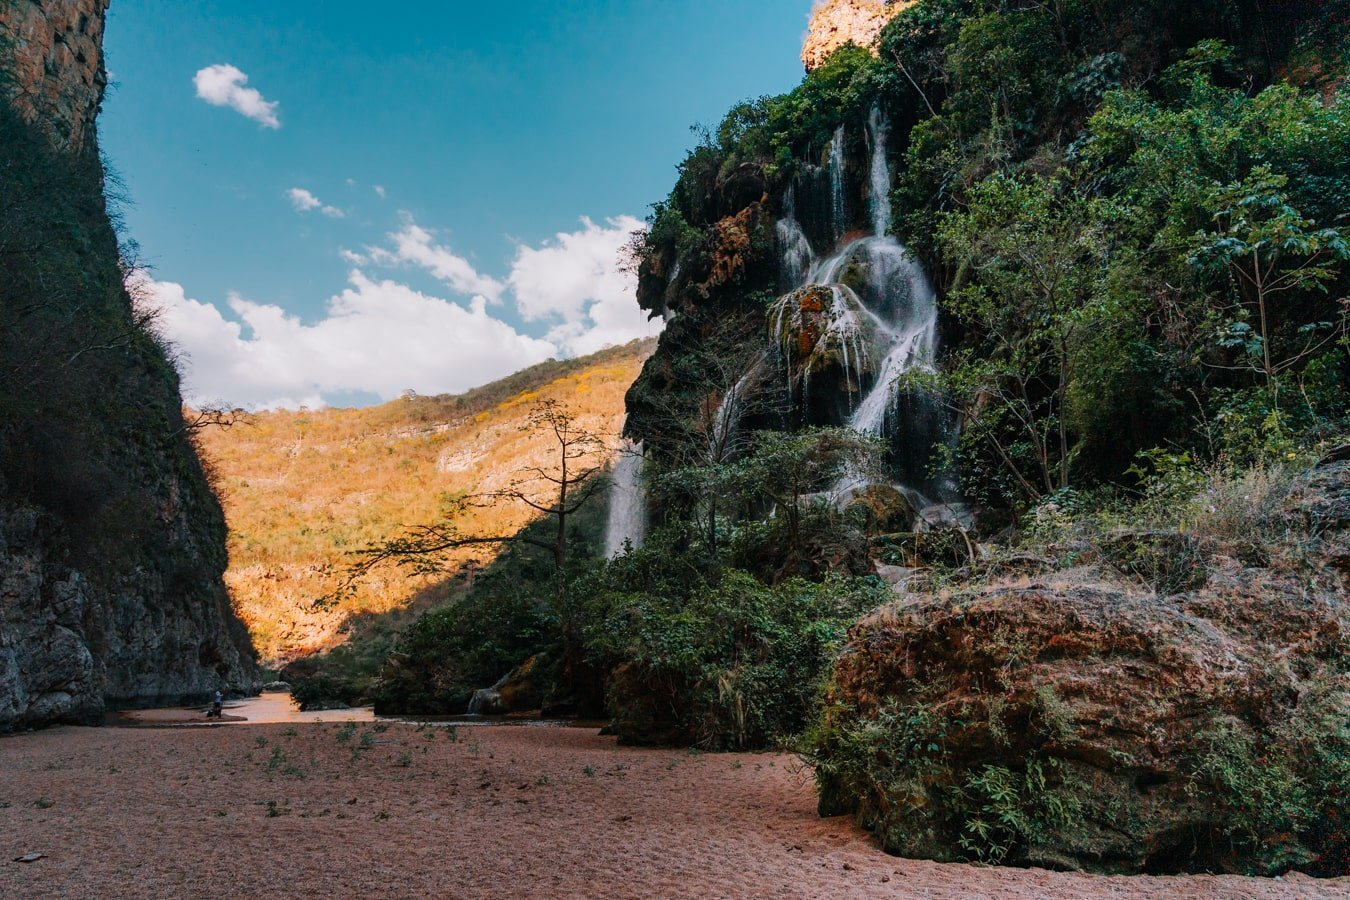 el aguacero waterfall inside cañón rio la venta, chiapas mexico